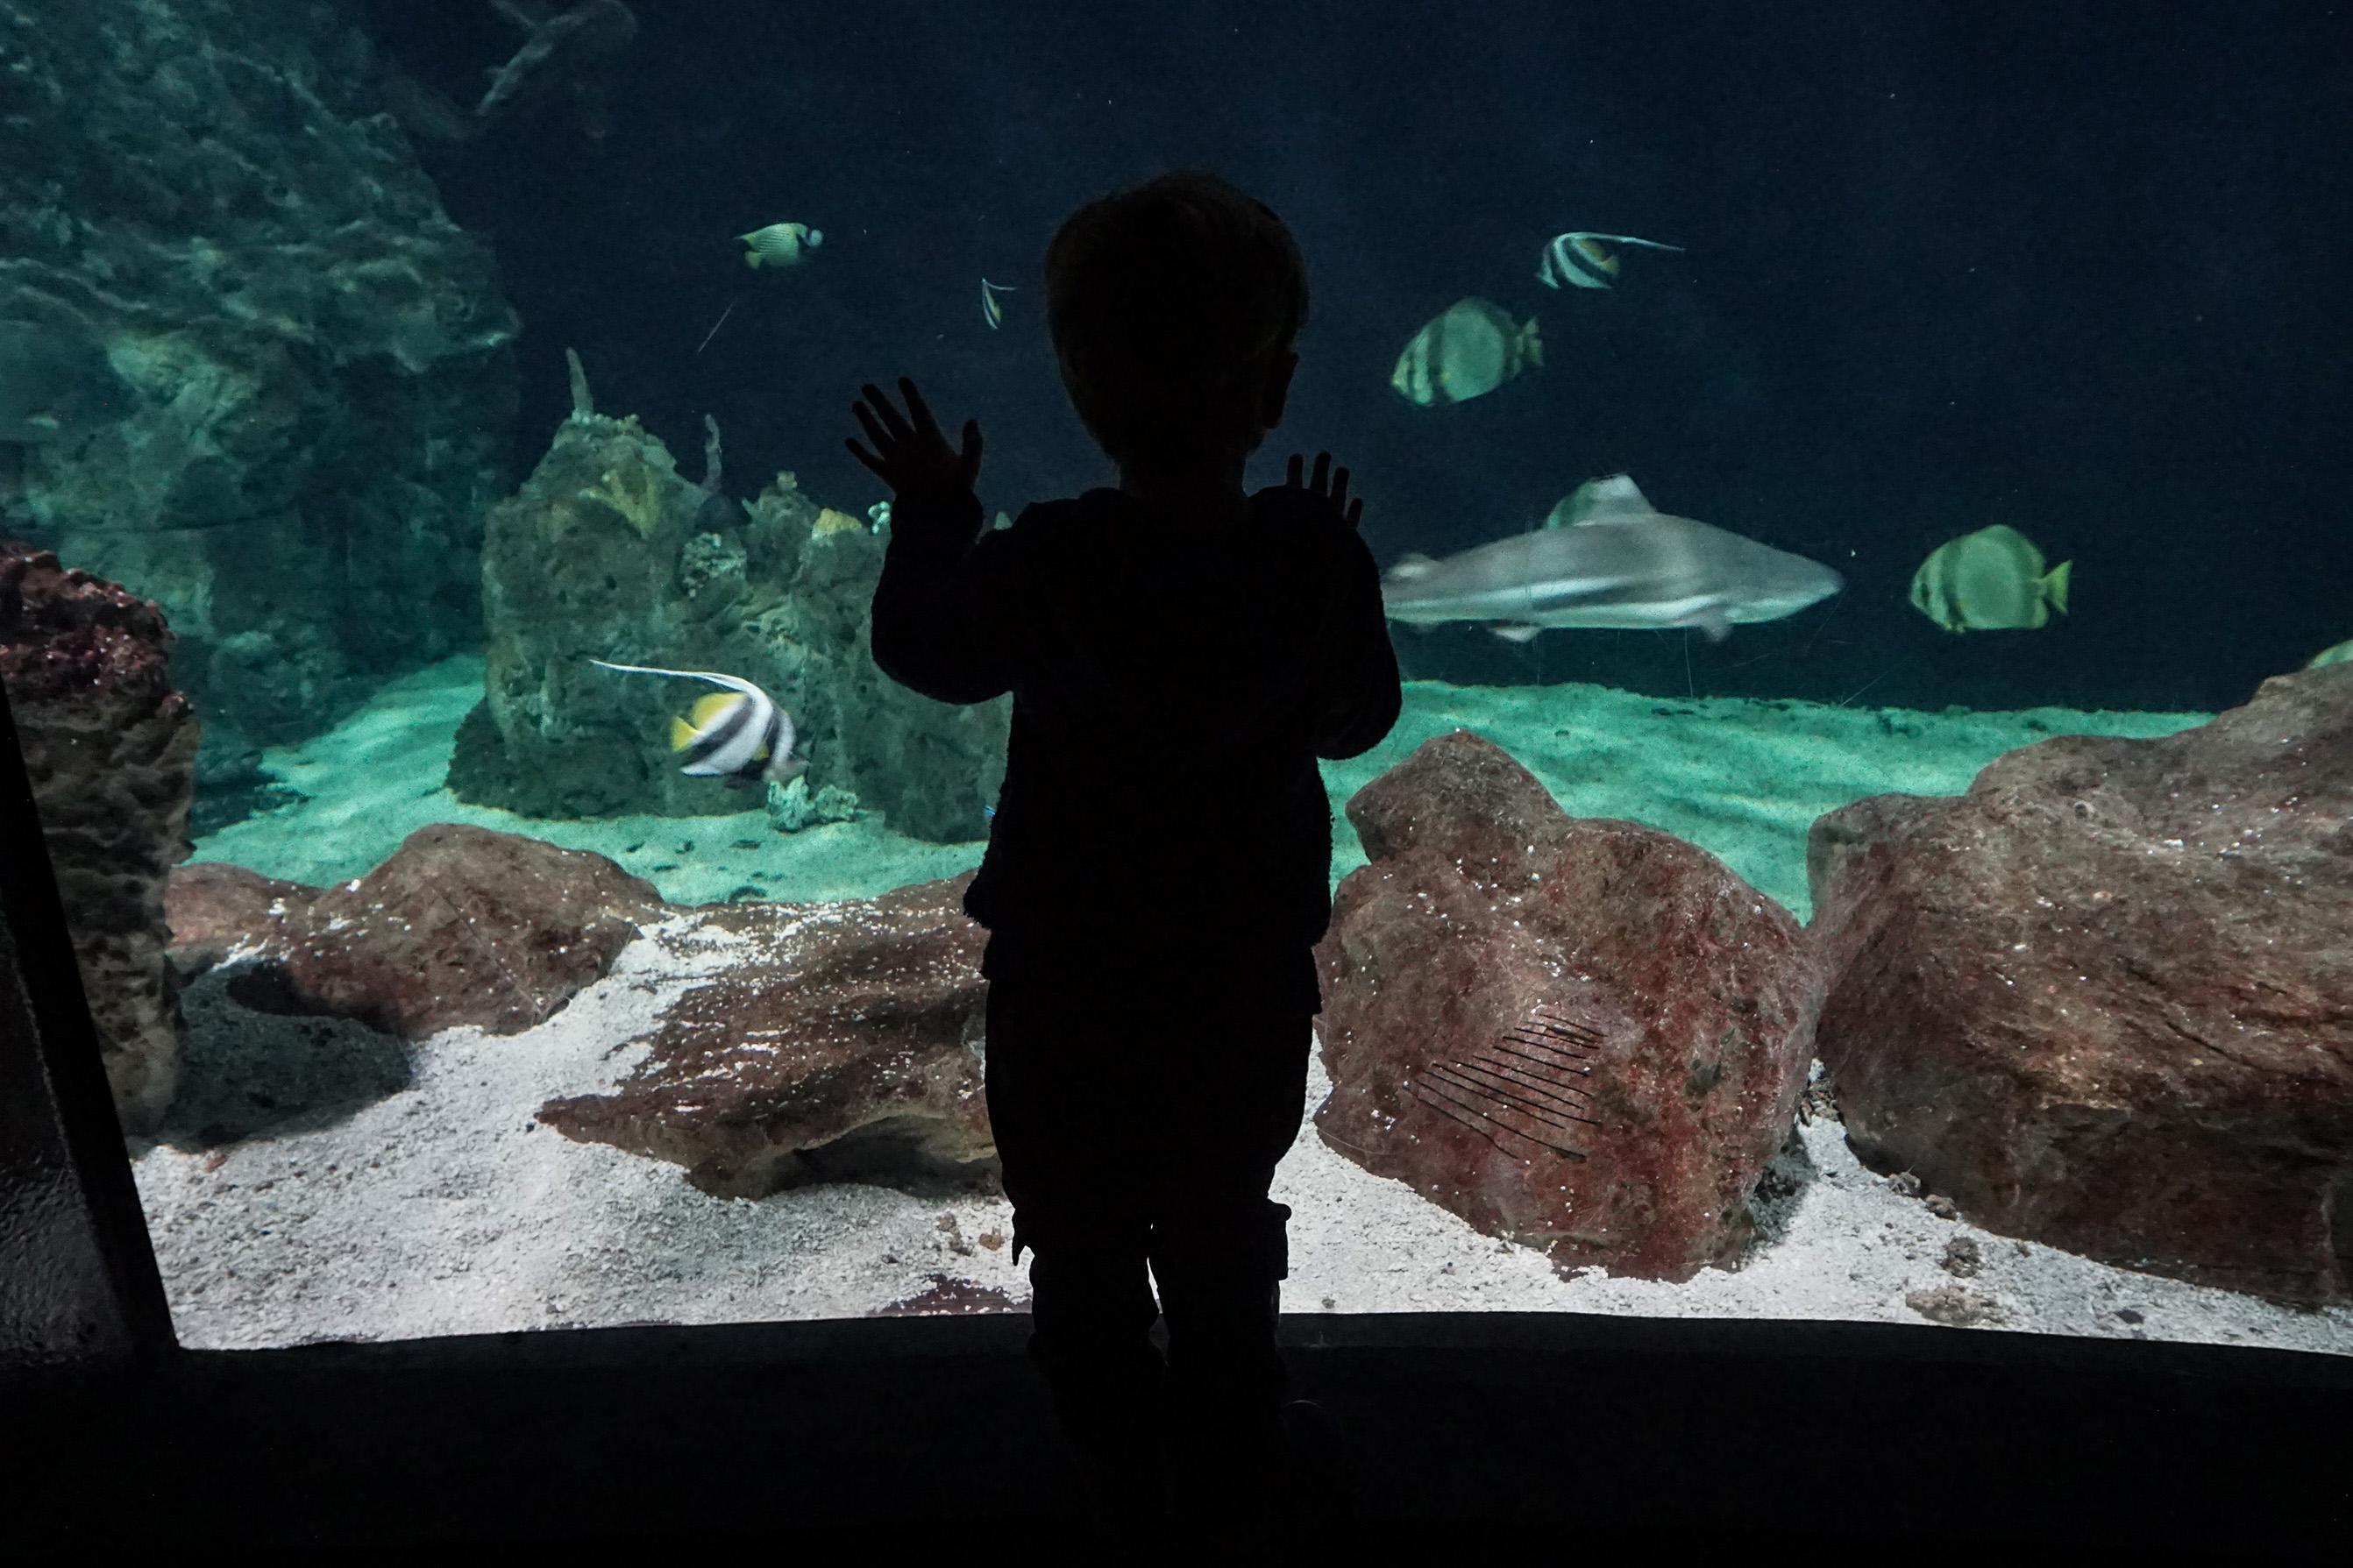 Tartarughe, squali, rettili e insetti: un tuffo nella natura all'Acquario di Livorno